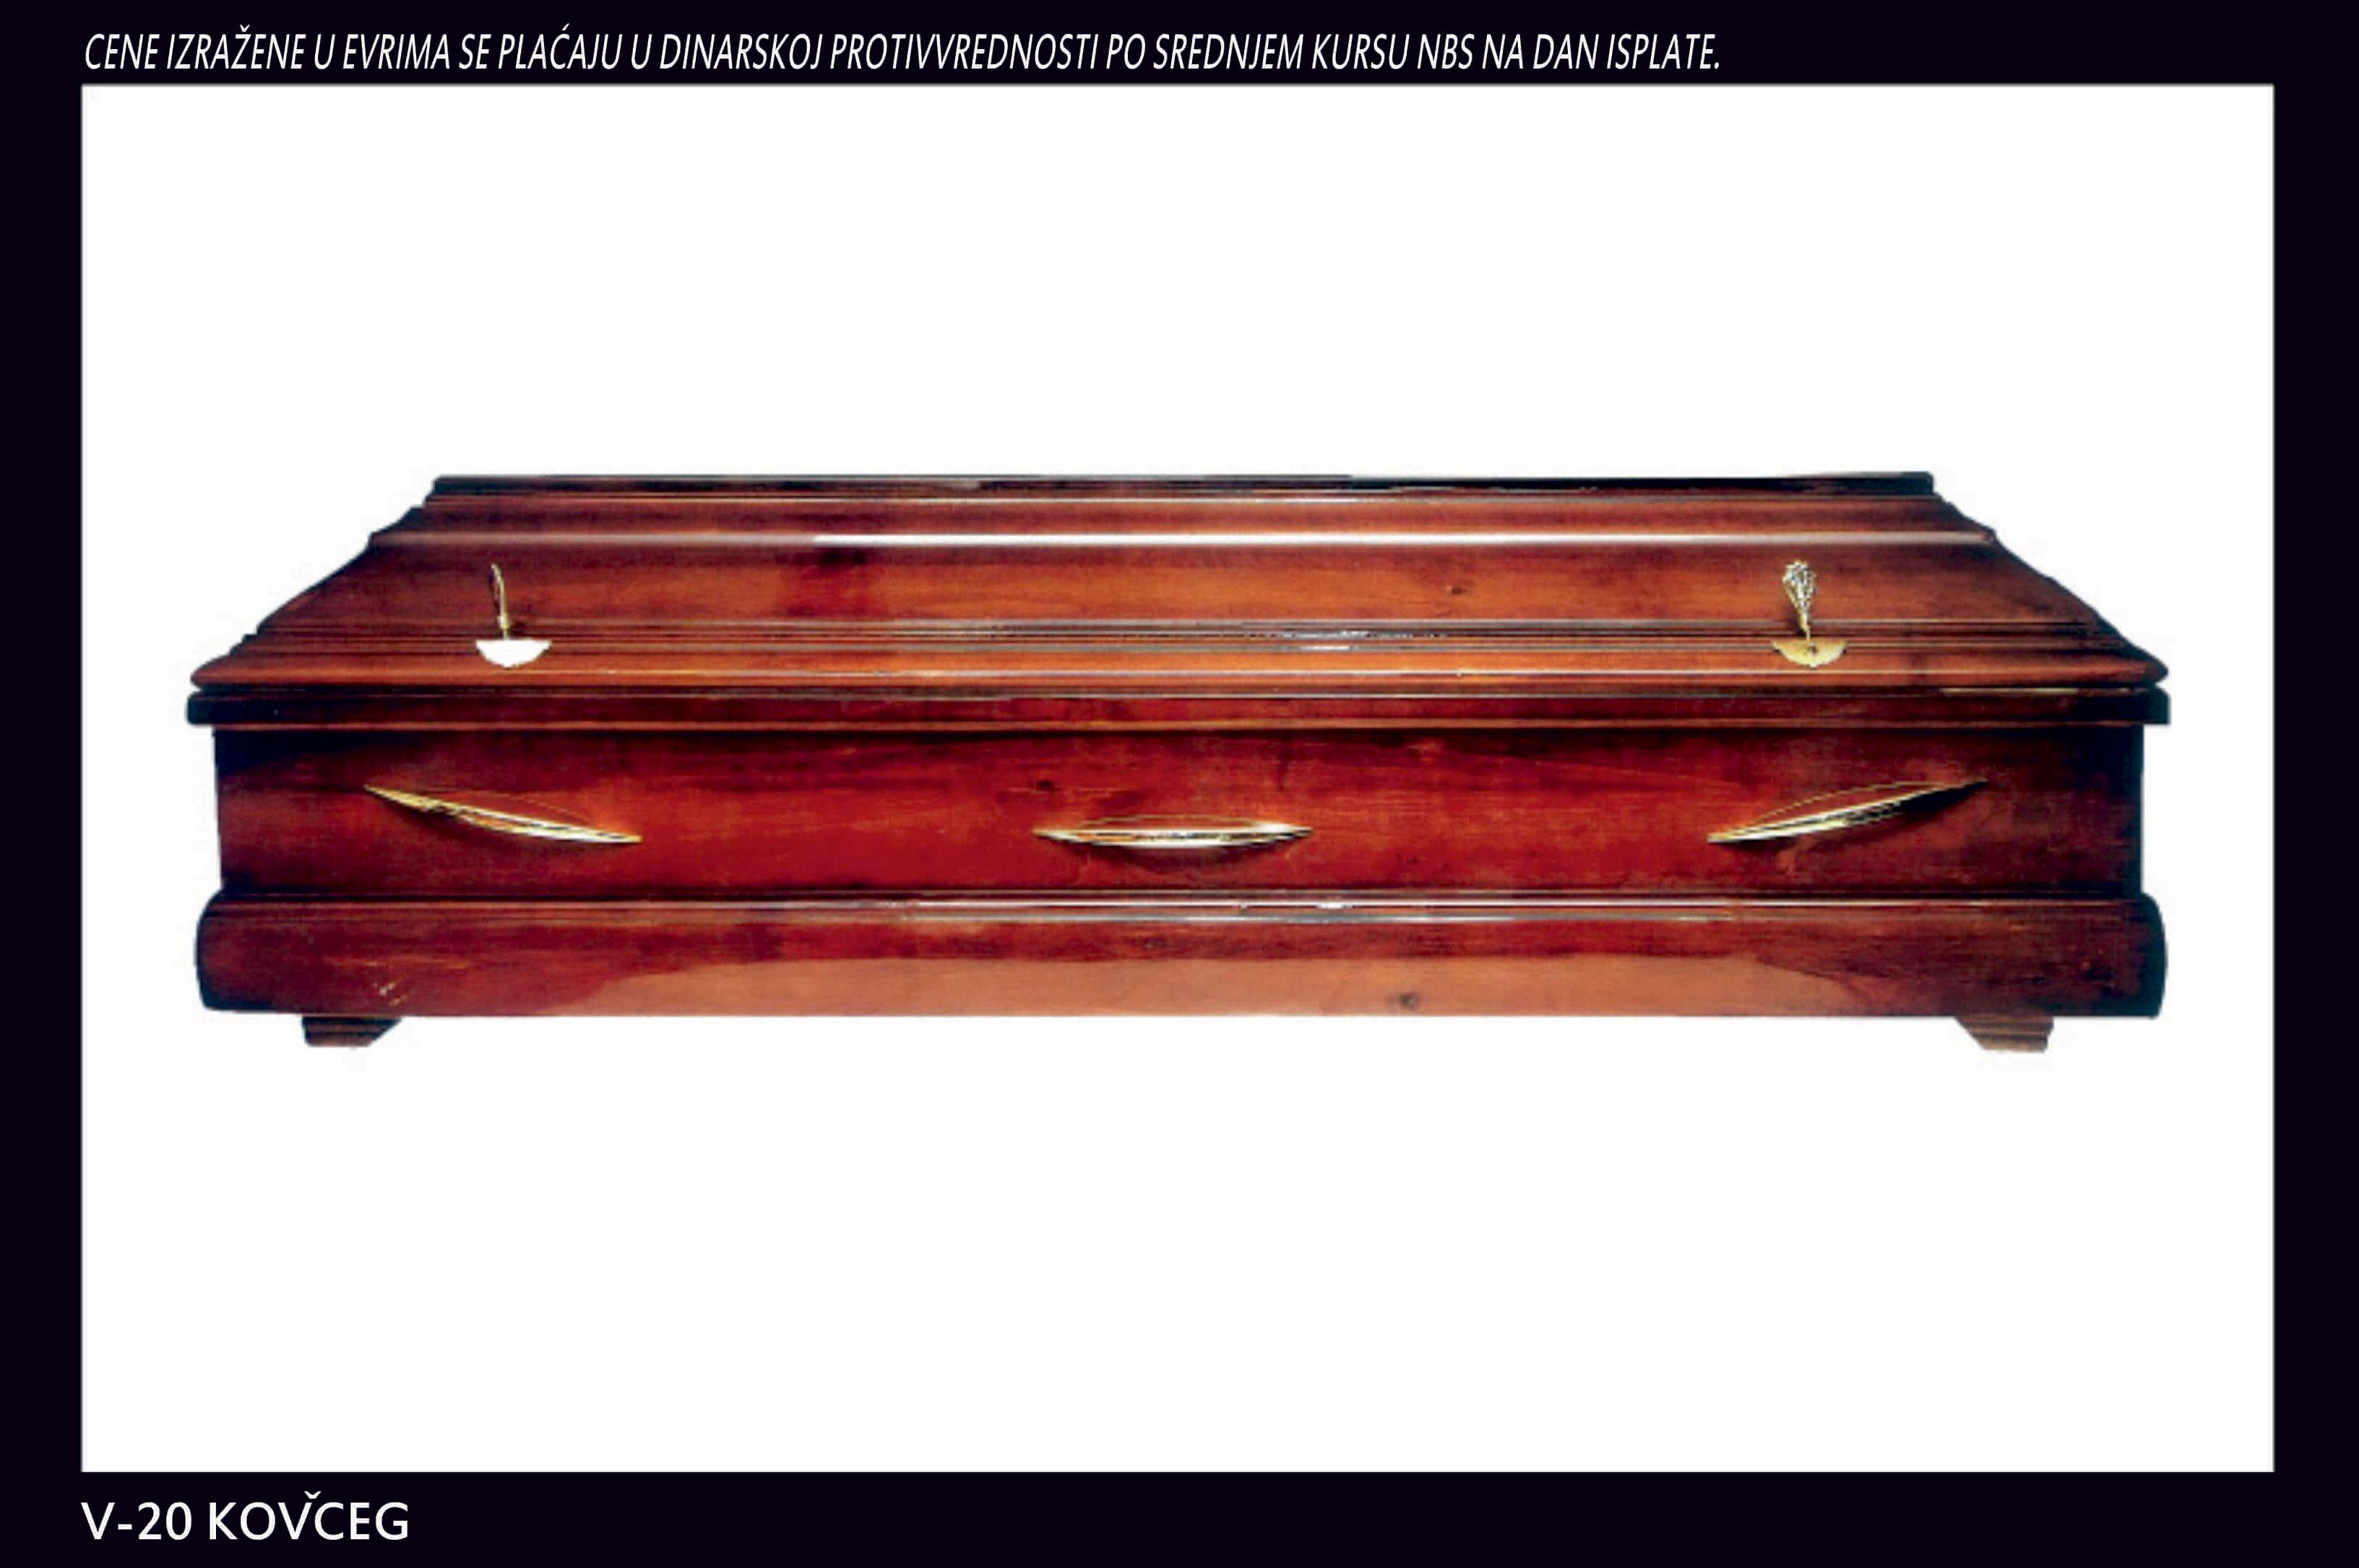 V-20 kovčeg